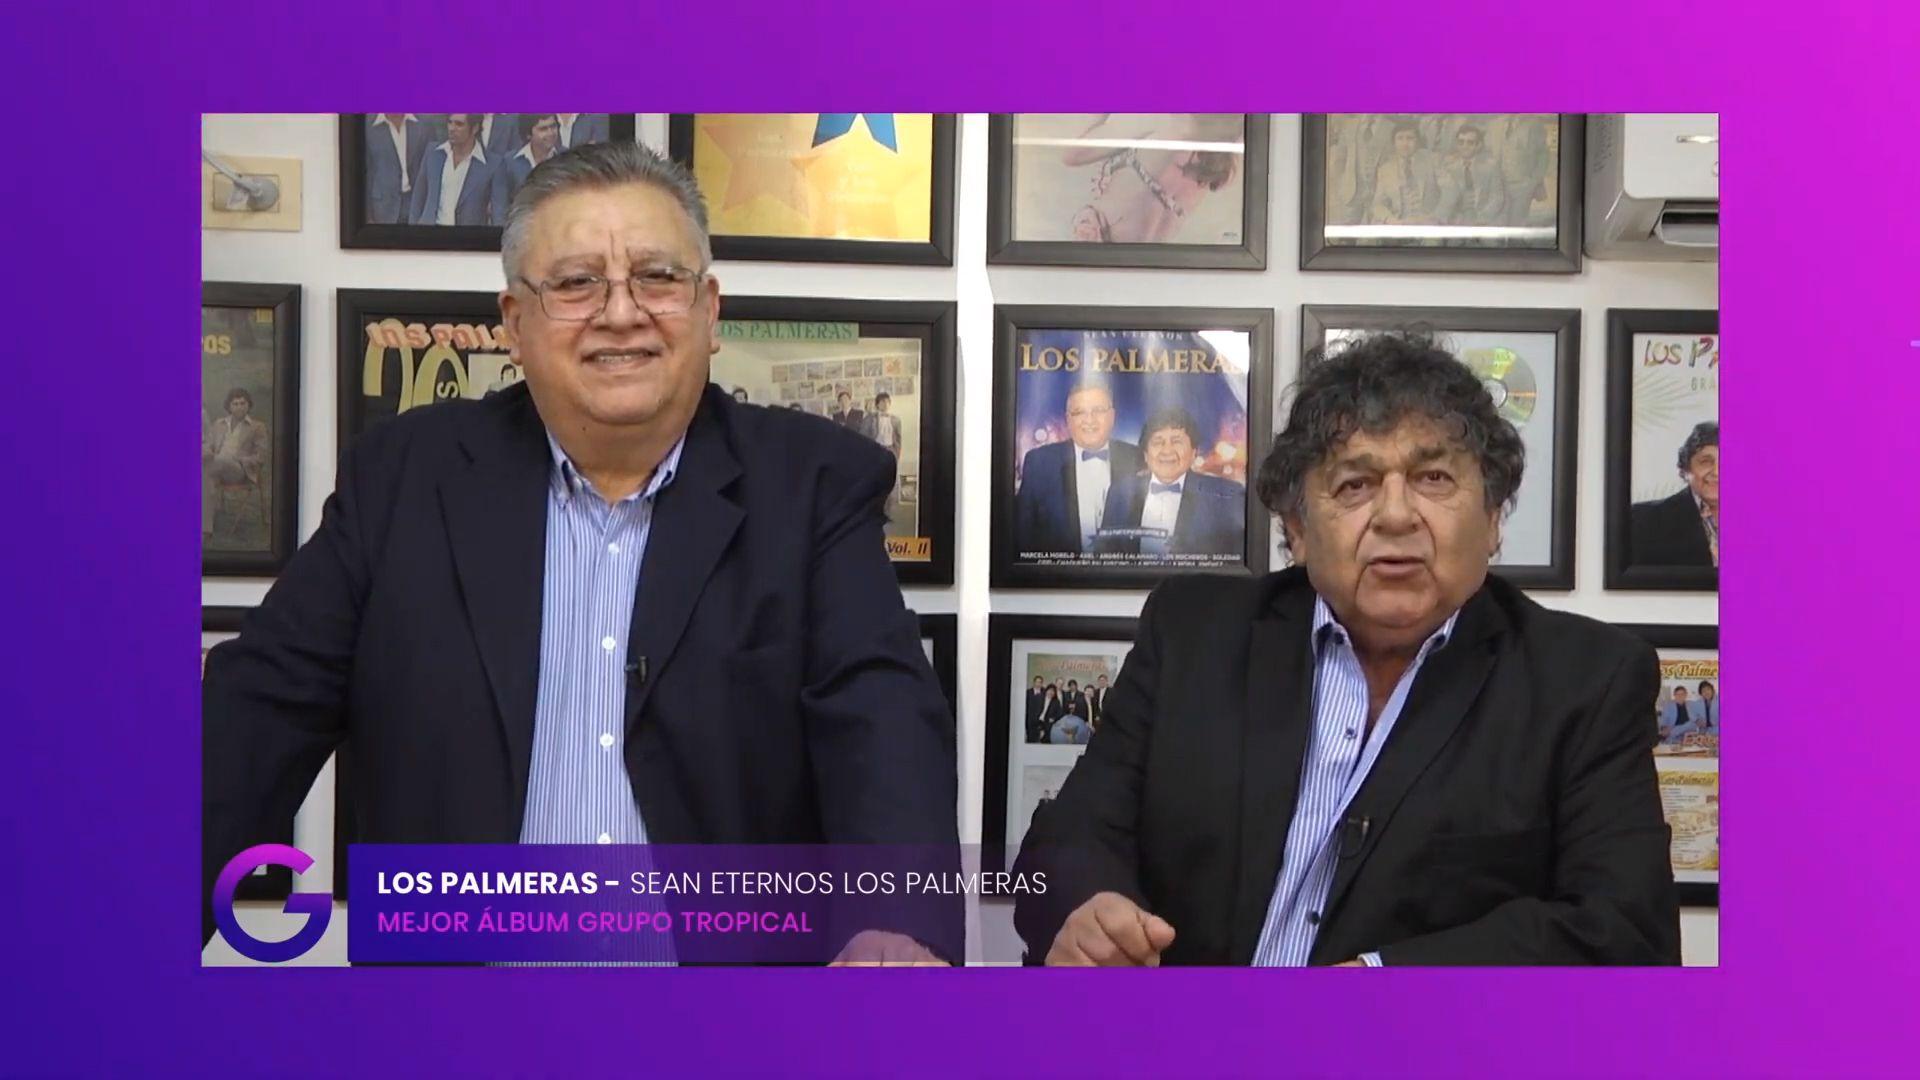 Premios Gardel 2020